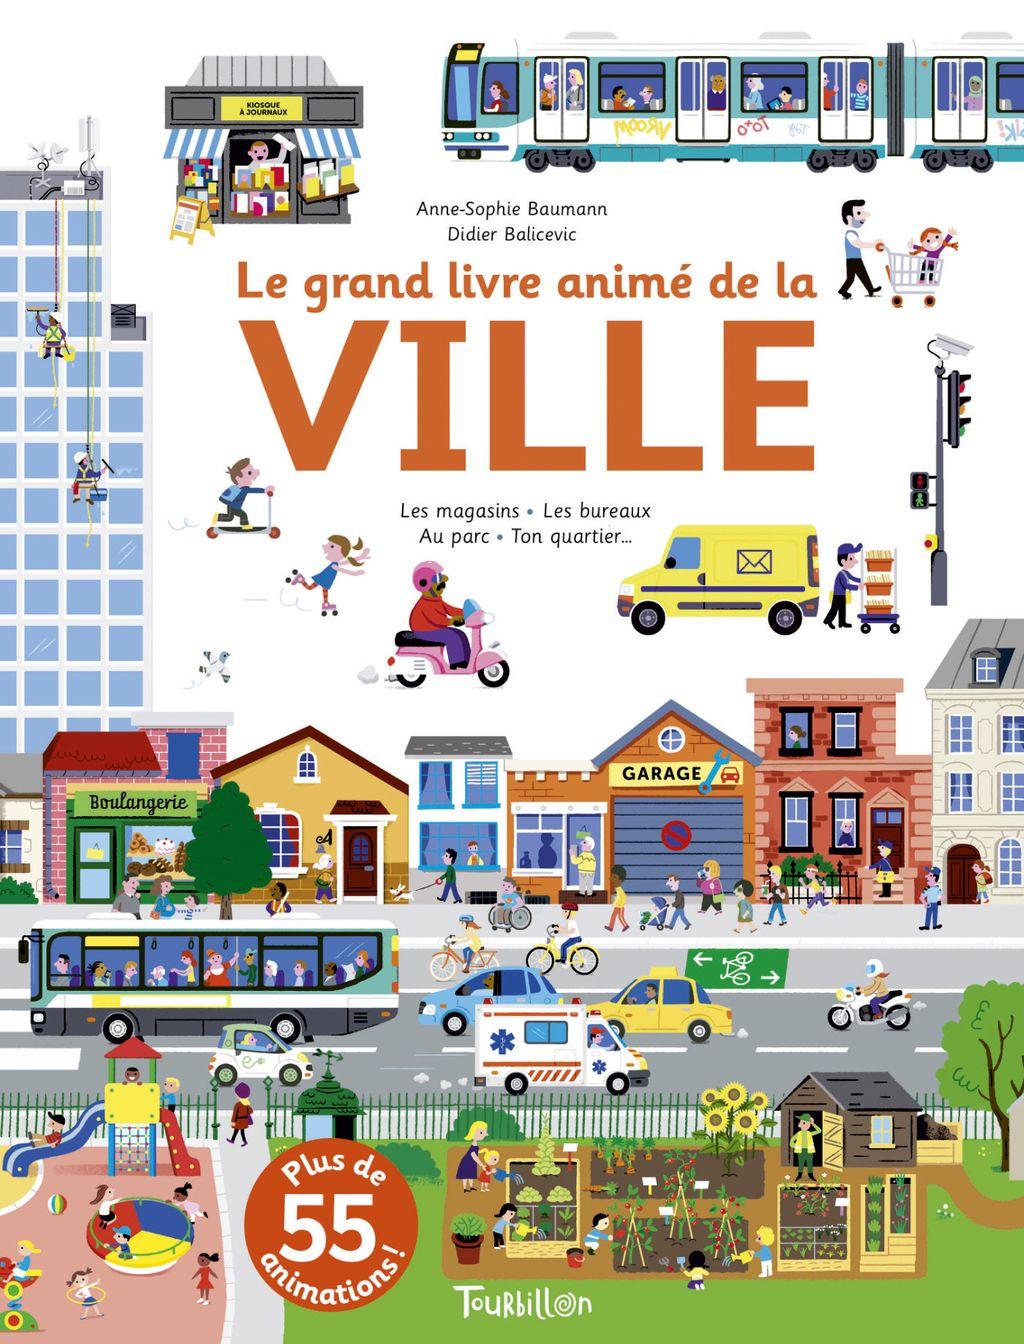 «Le grand livre animé de la ville» cover